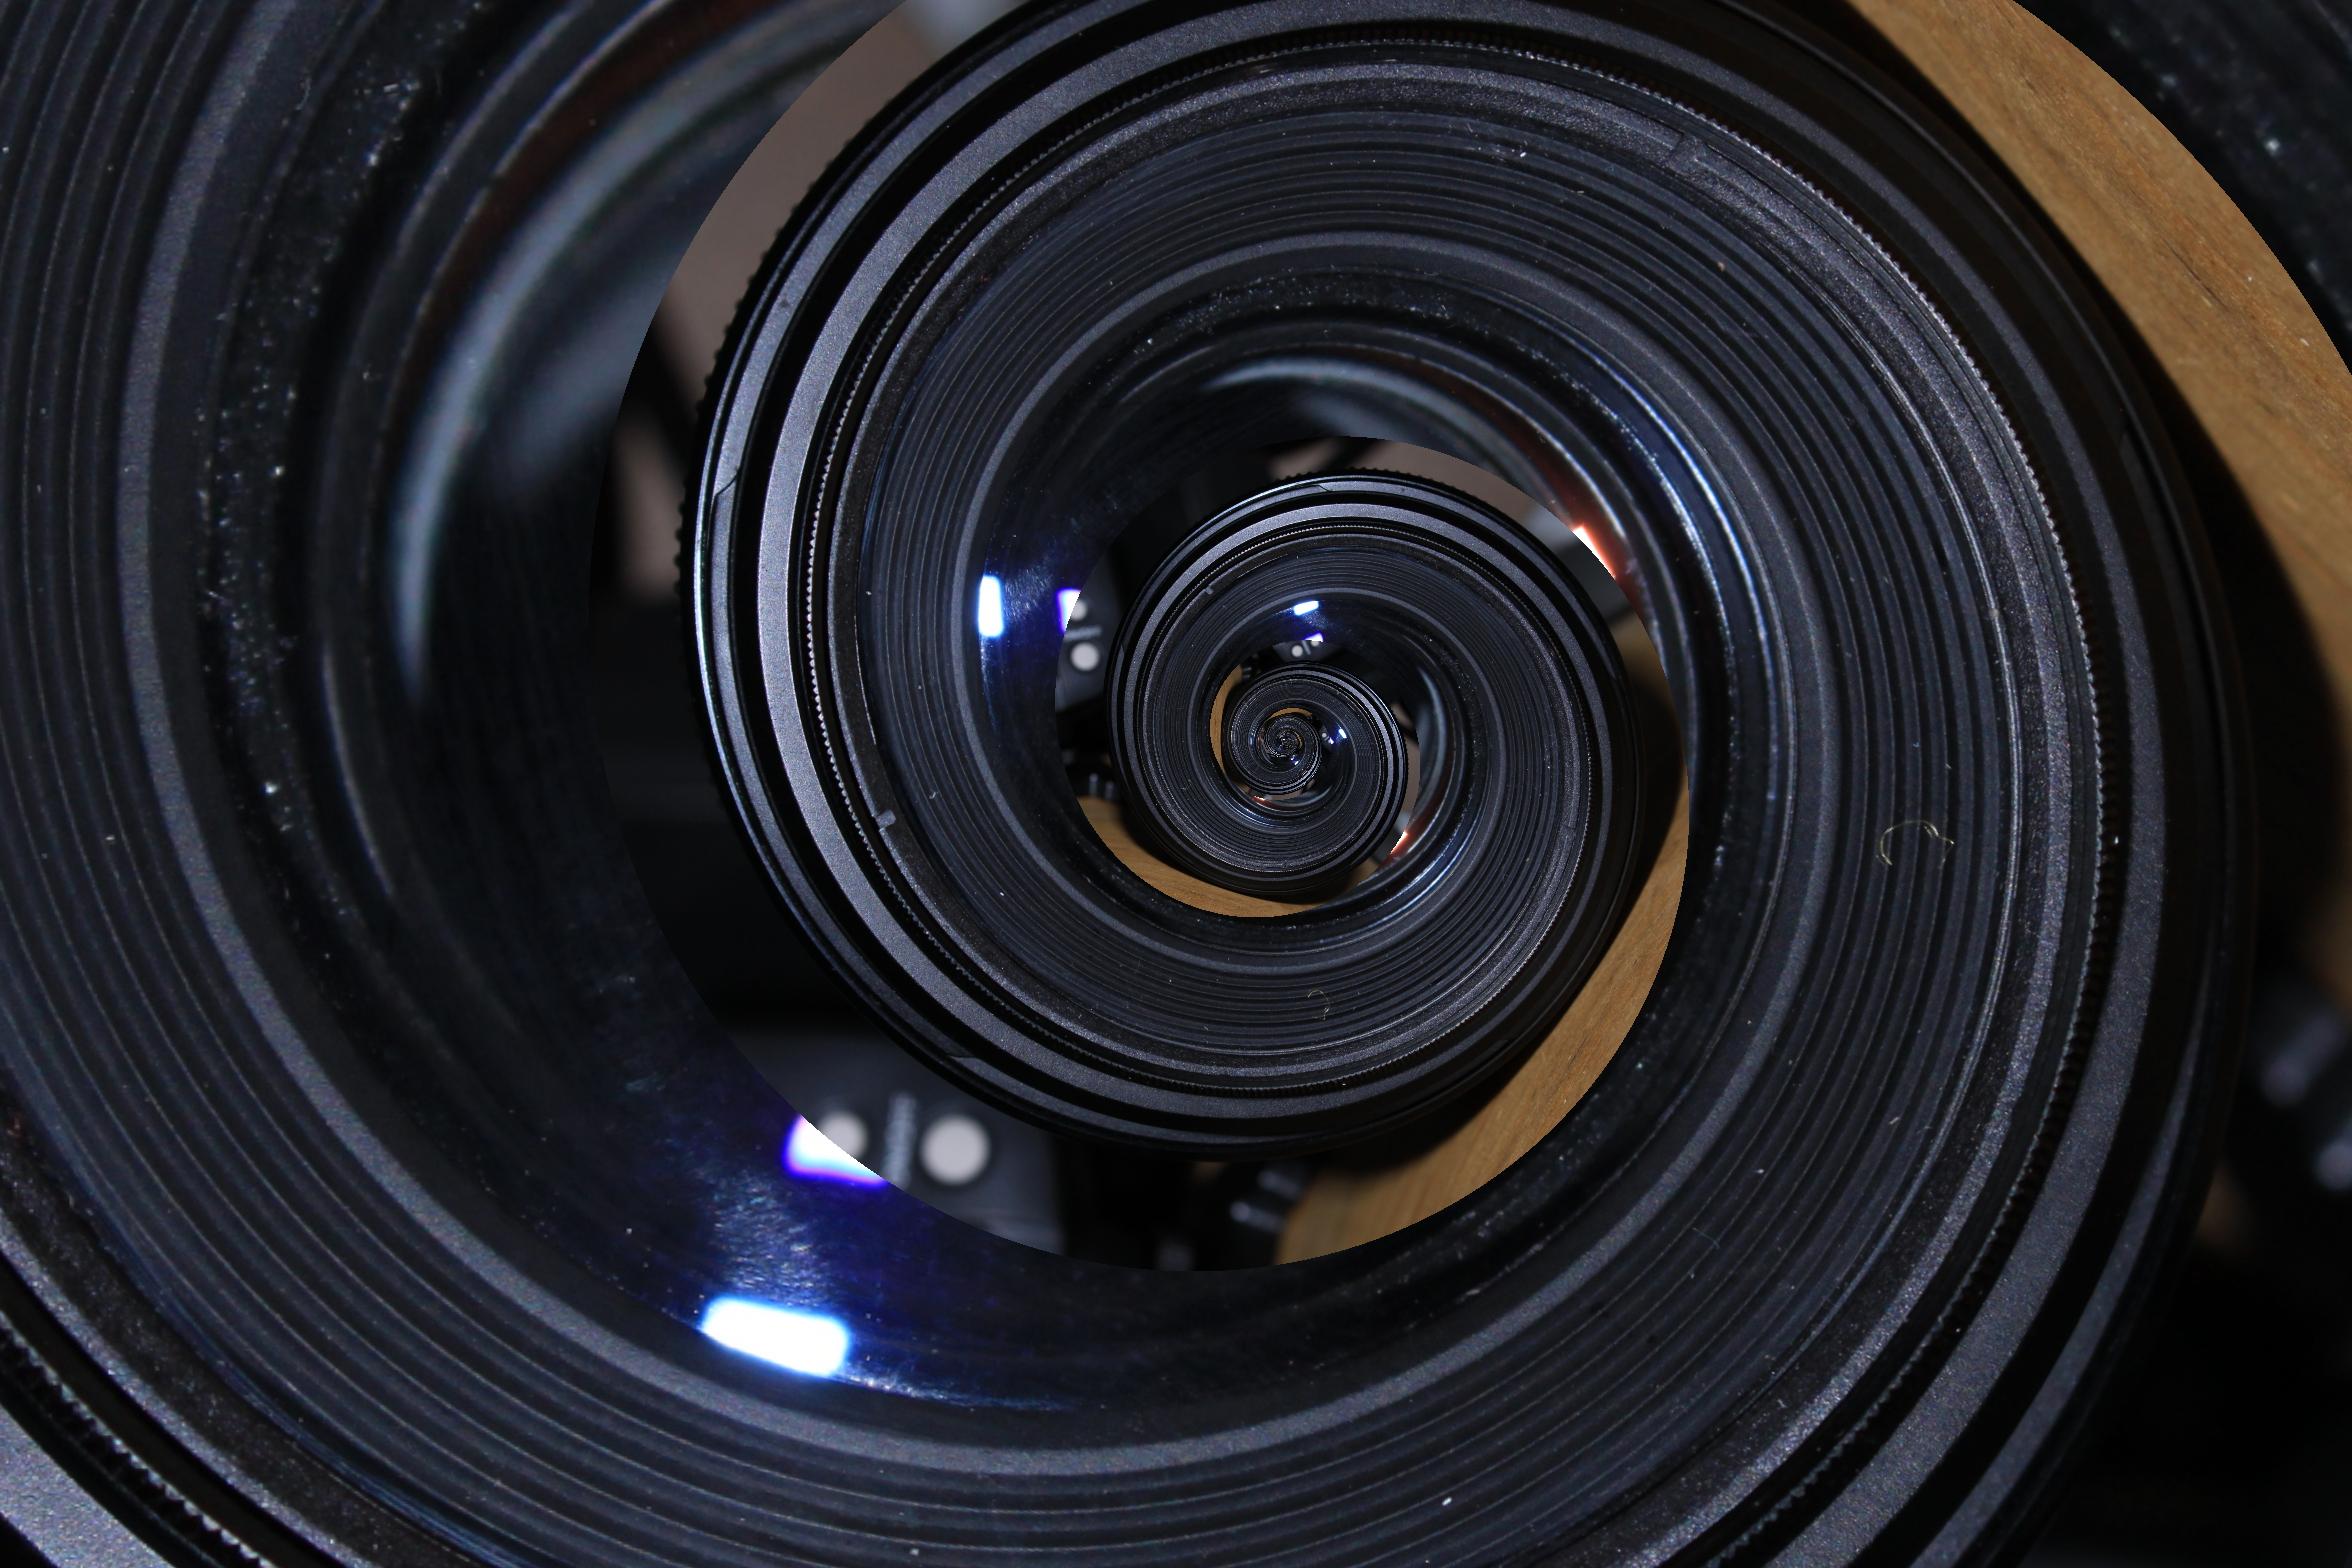 запотевает объектив фотоаппарата выгодной аренды, особенности